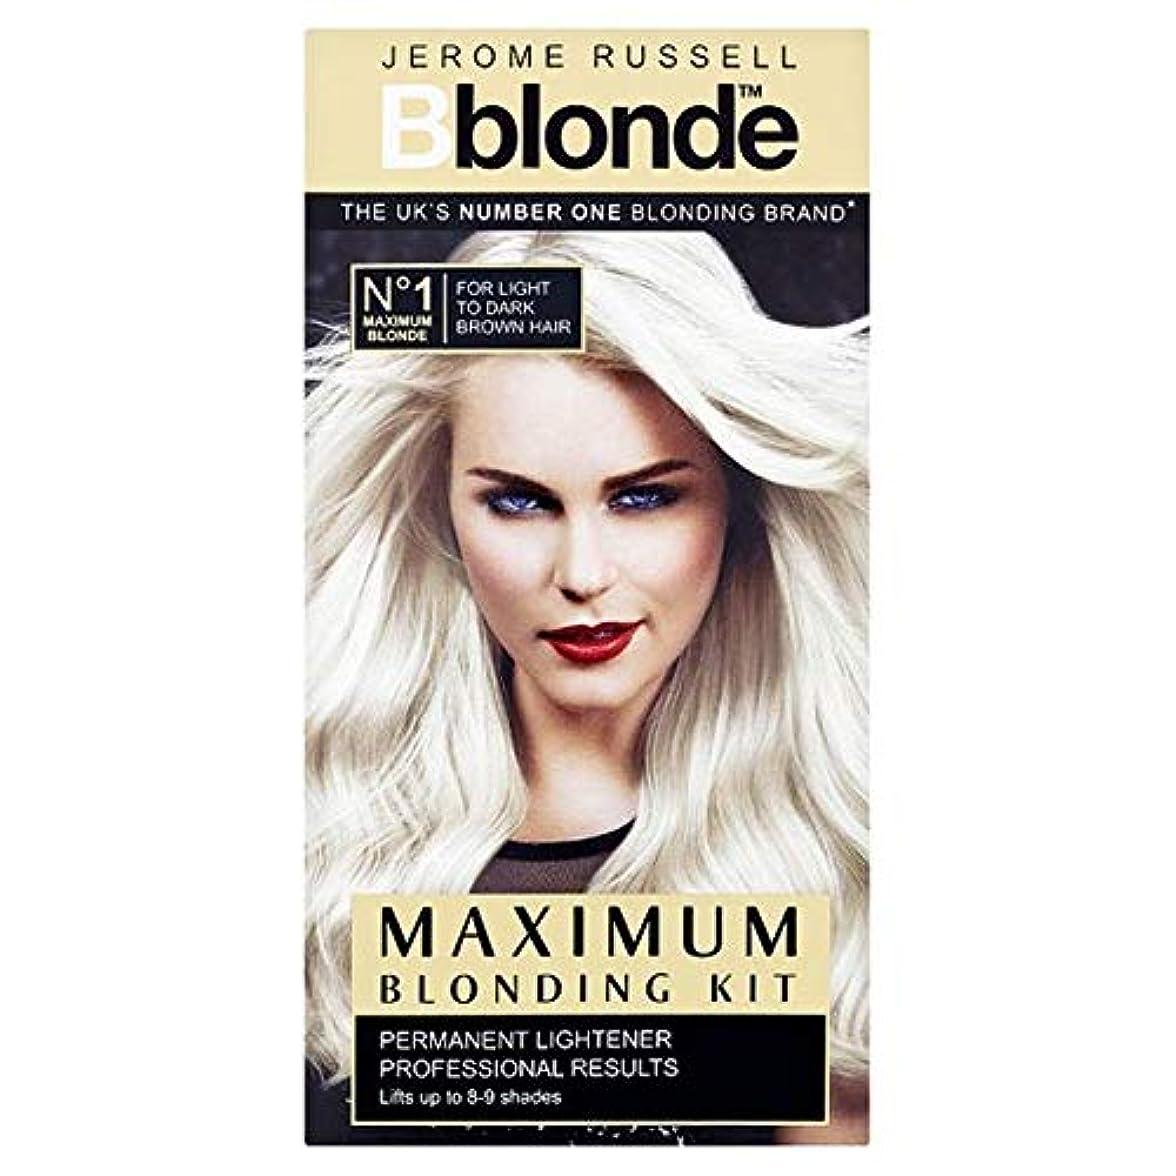 使い込む砂利アスレチック[Jerome Russell] ジェロームラッセルB金髪最大Blondingキット - Jerome Russell B Blonde Maximum Blonding Kit [並行輸入品]